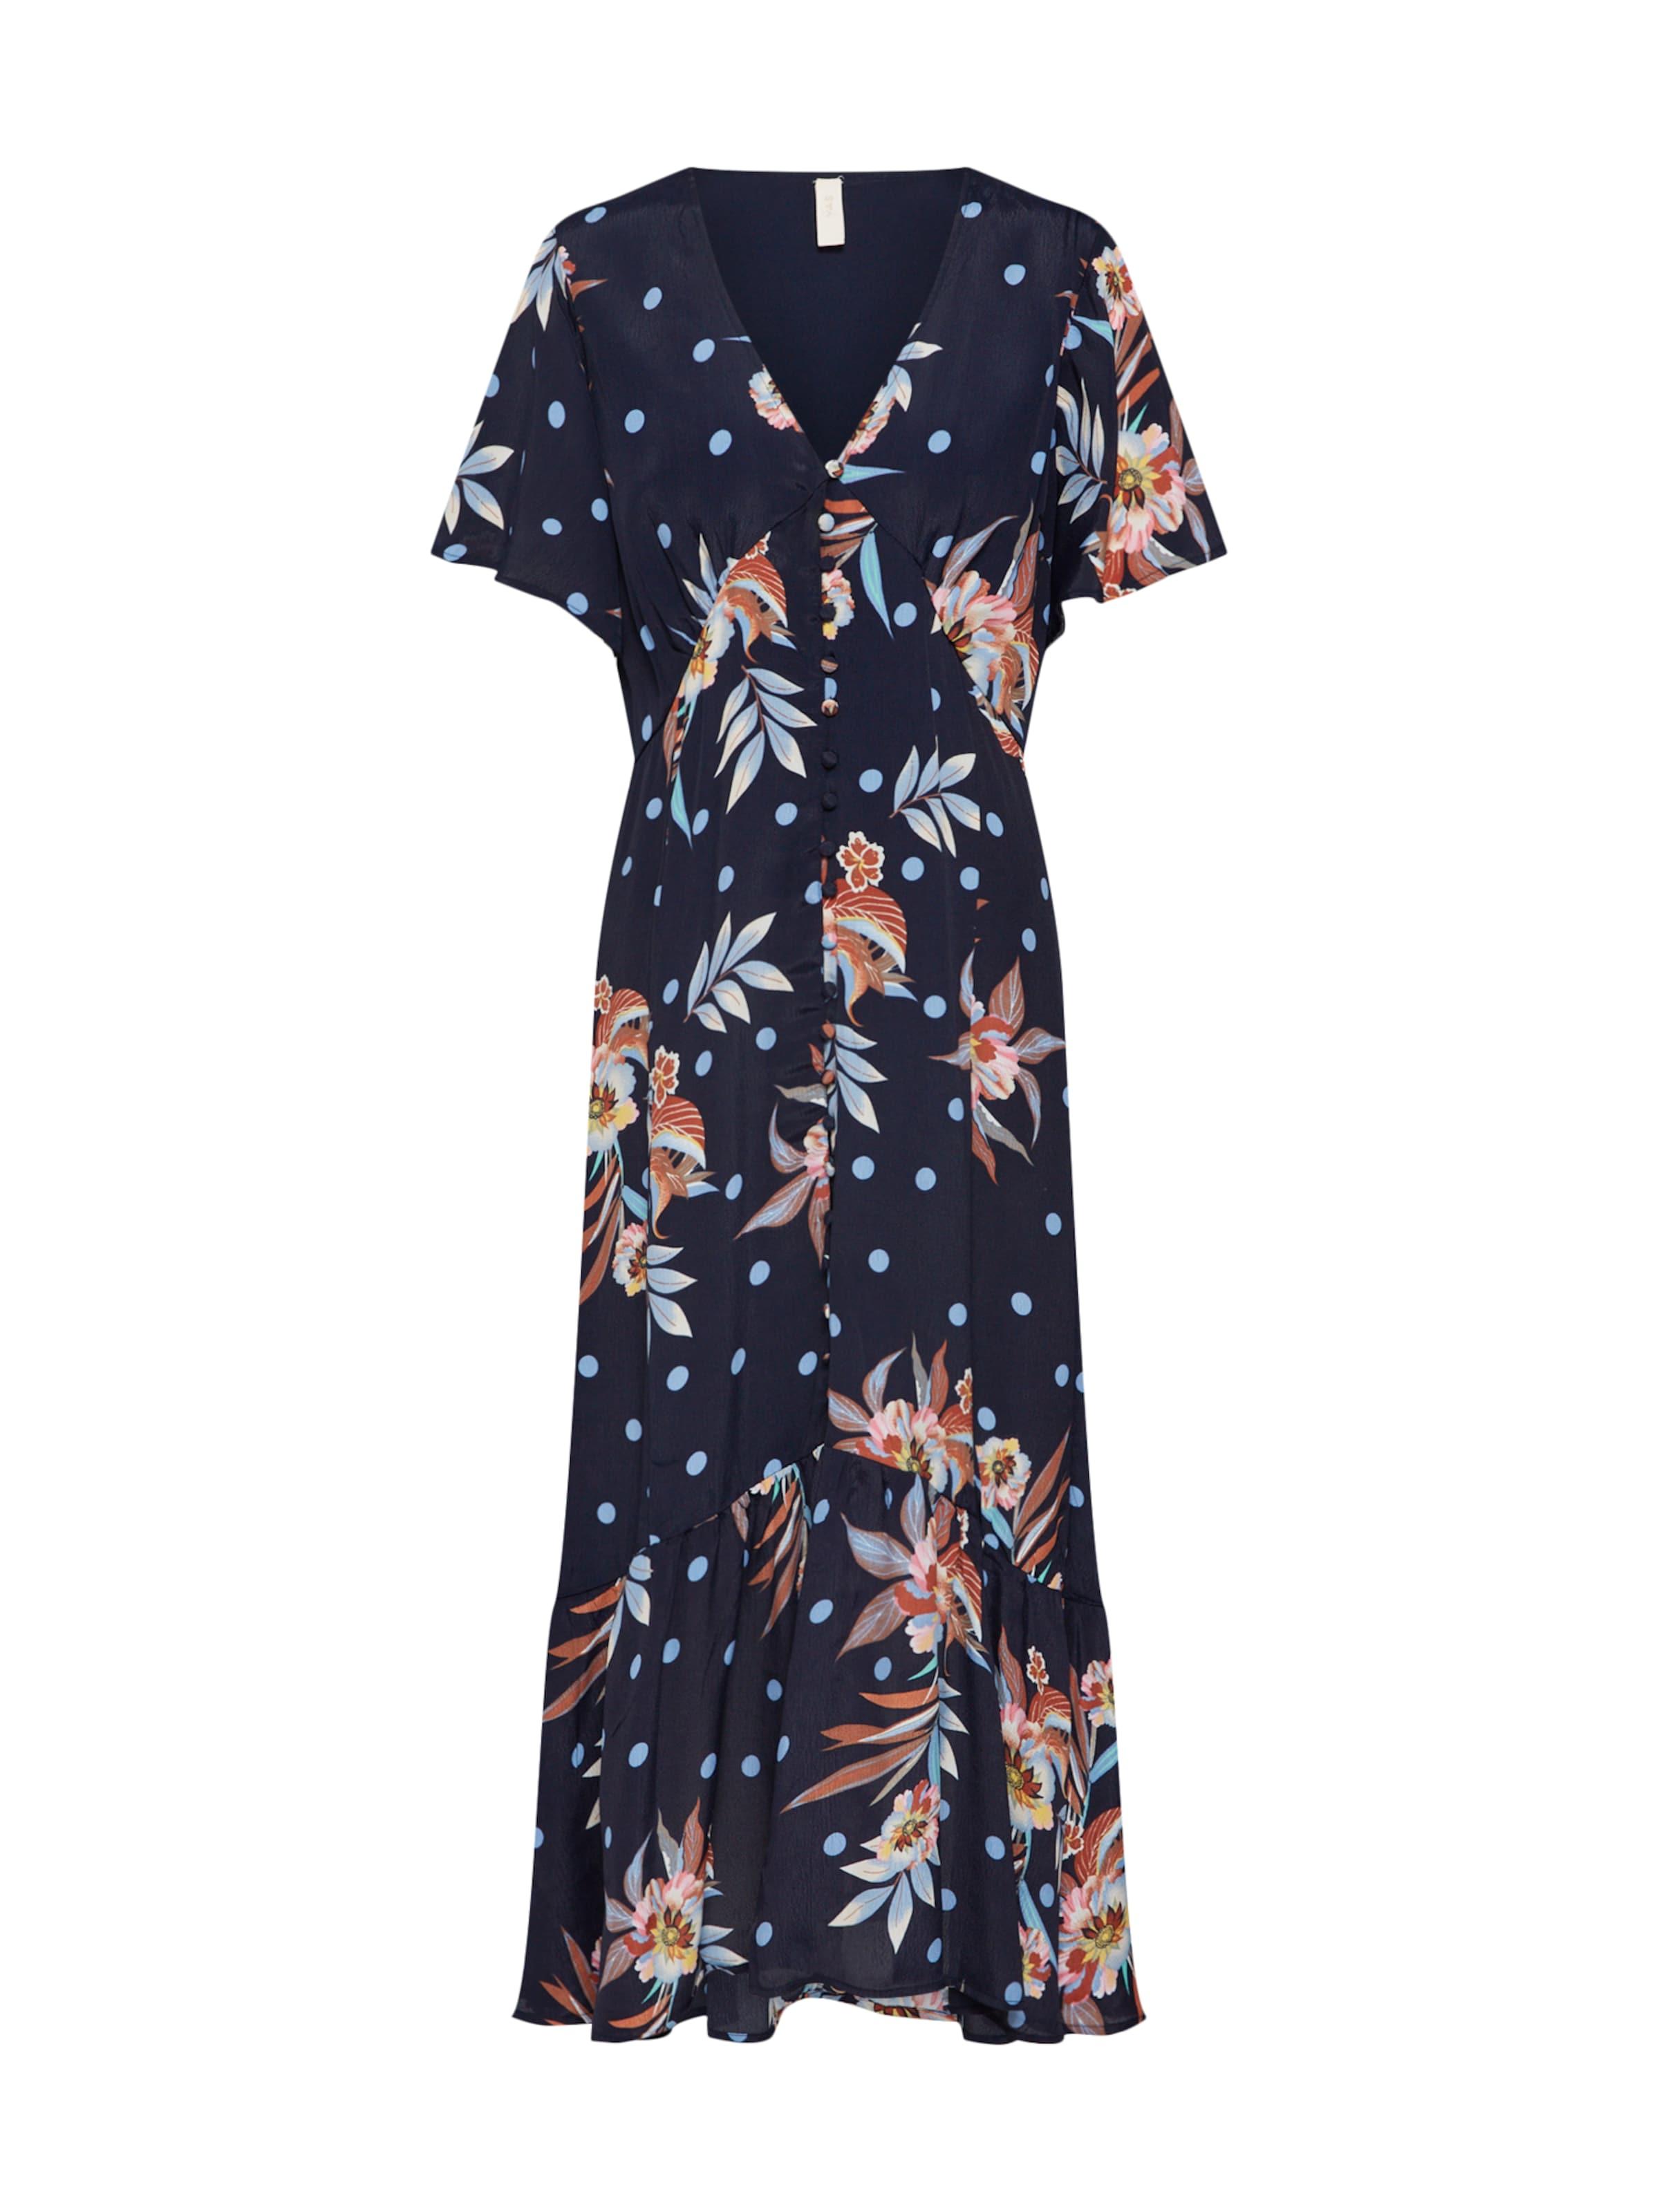 'solira' NachtblauMischfarben Kleid a s In Y 6f7gbvYy